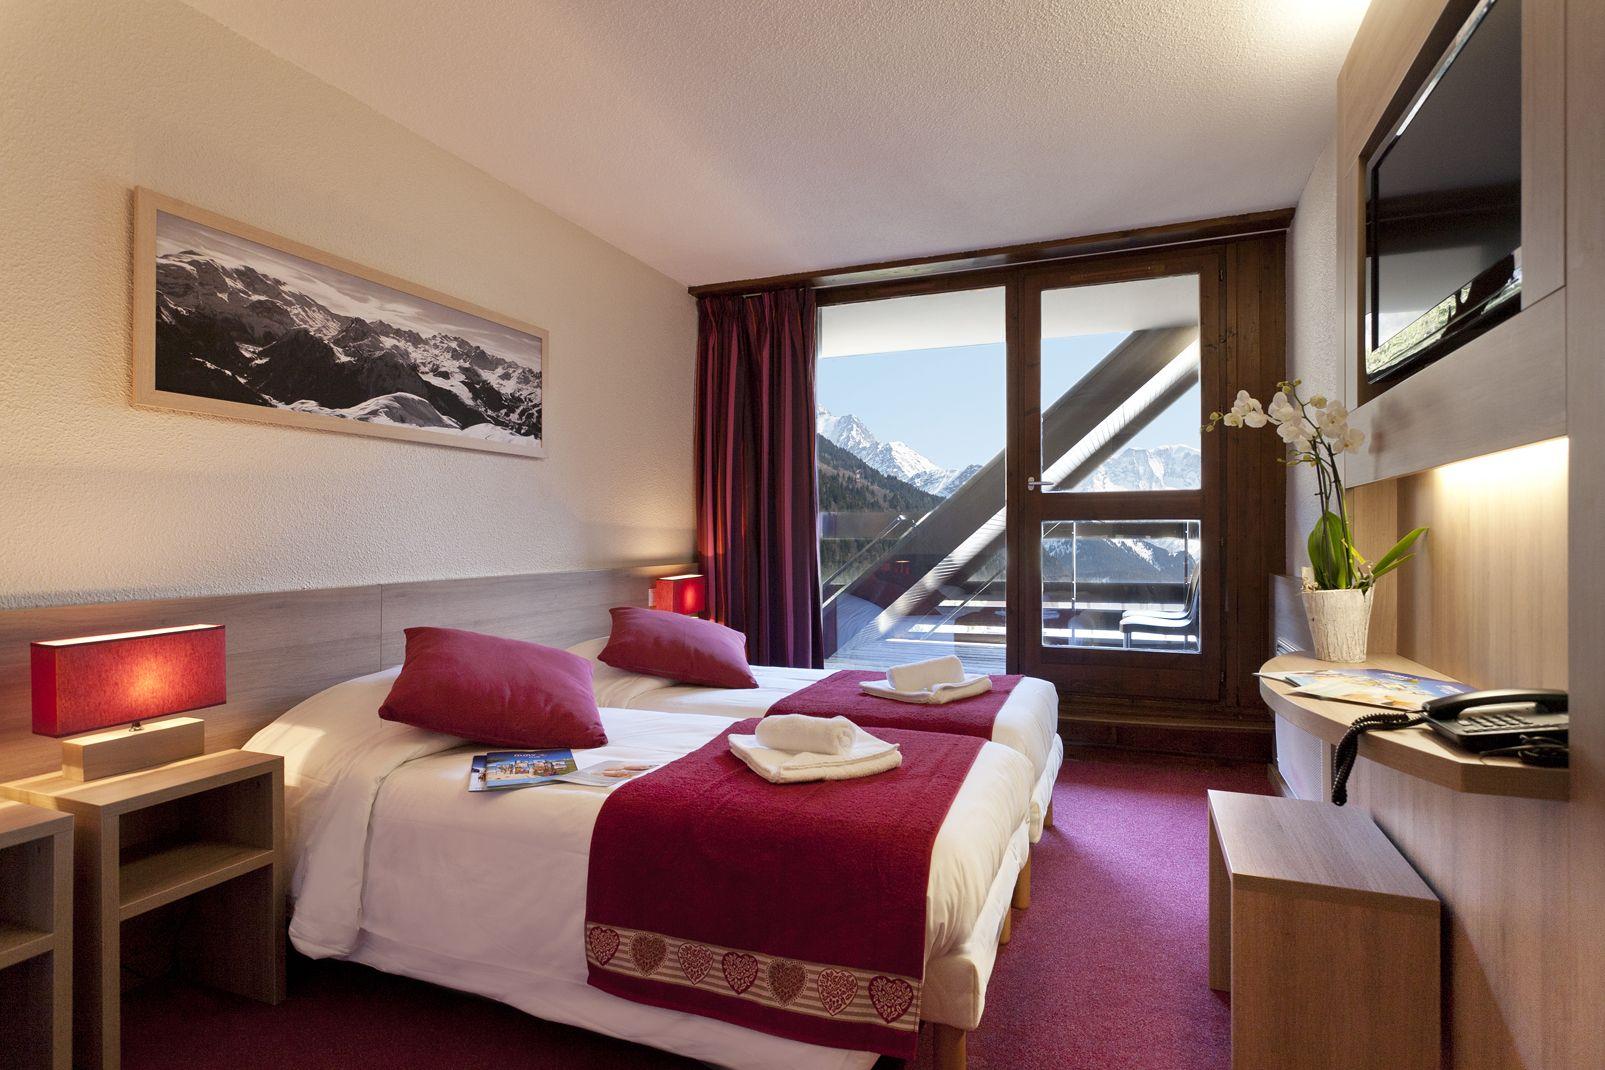 St Gervais-les-bains- Hôtel Club MMV Le Monte Bianco Village Vacances 3* - 1